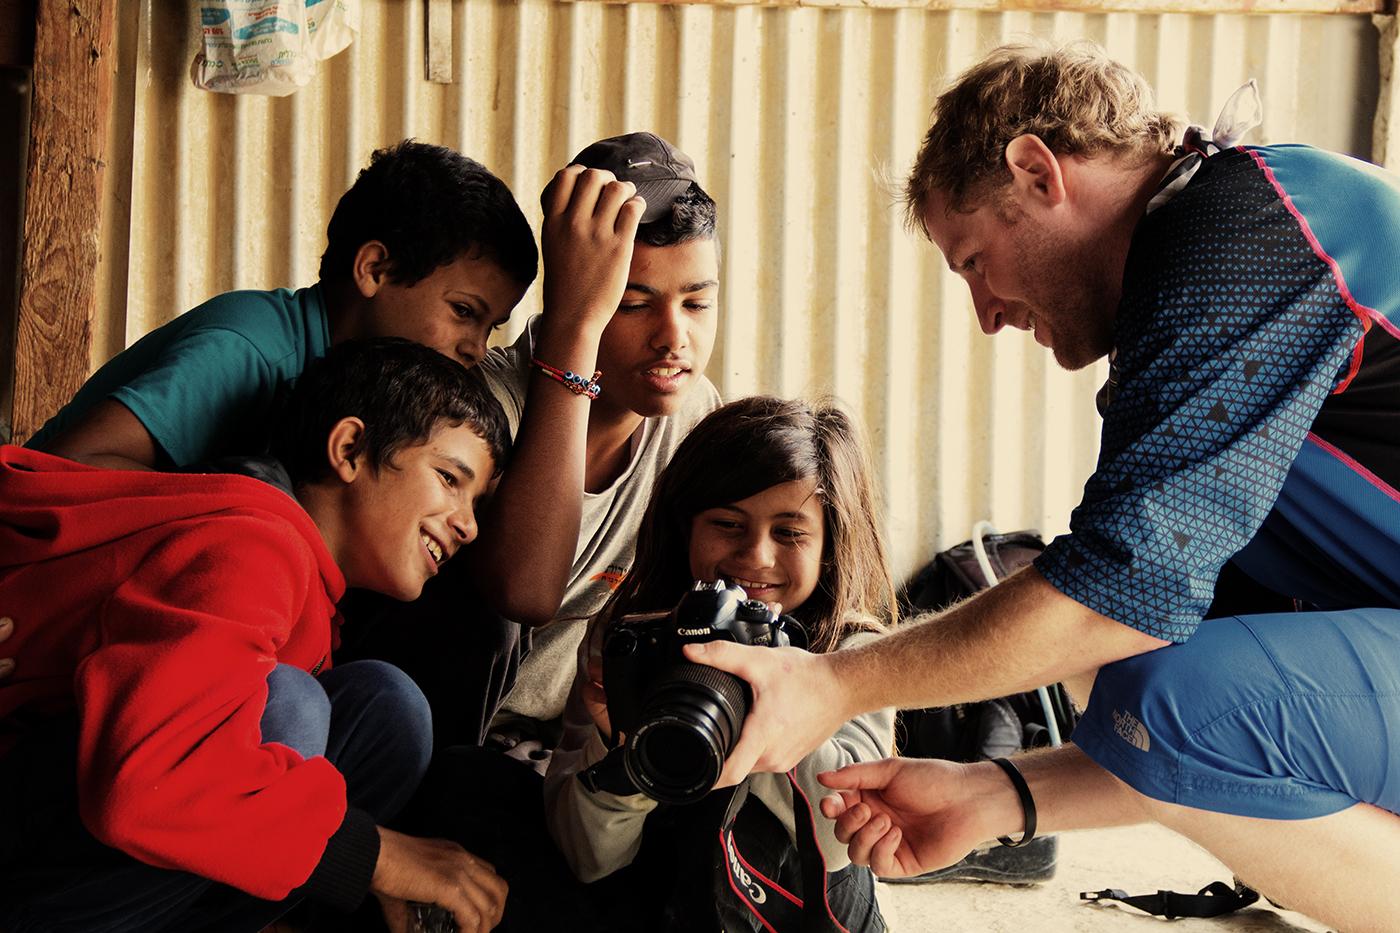 Mike und die Kids aus dem Beduinen-Camp